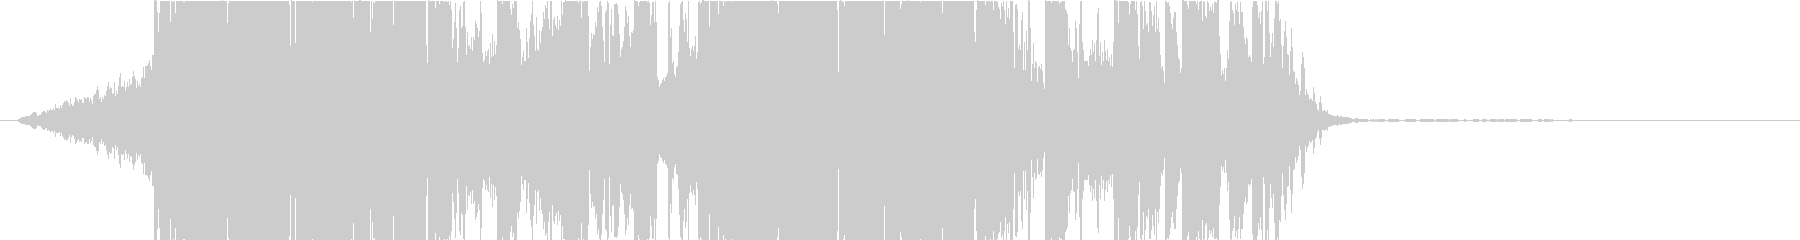 DUBSTEP クール ジングル175の未再生の波形